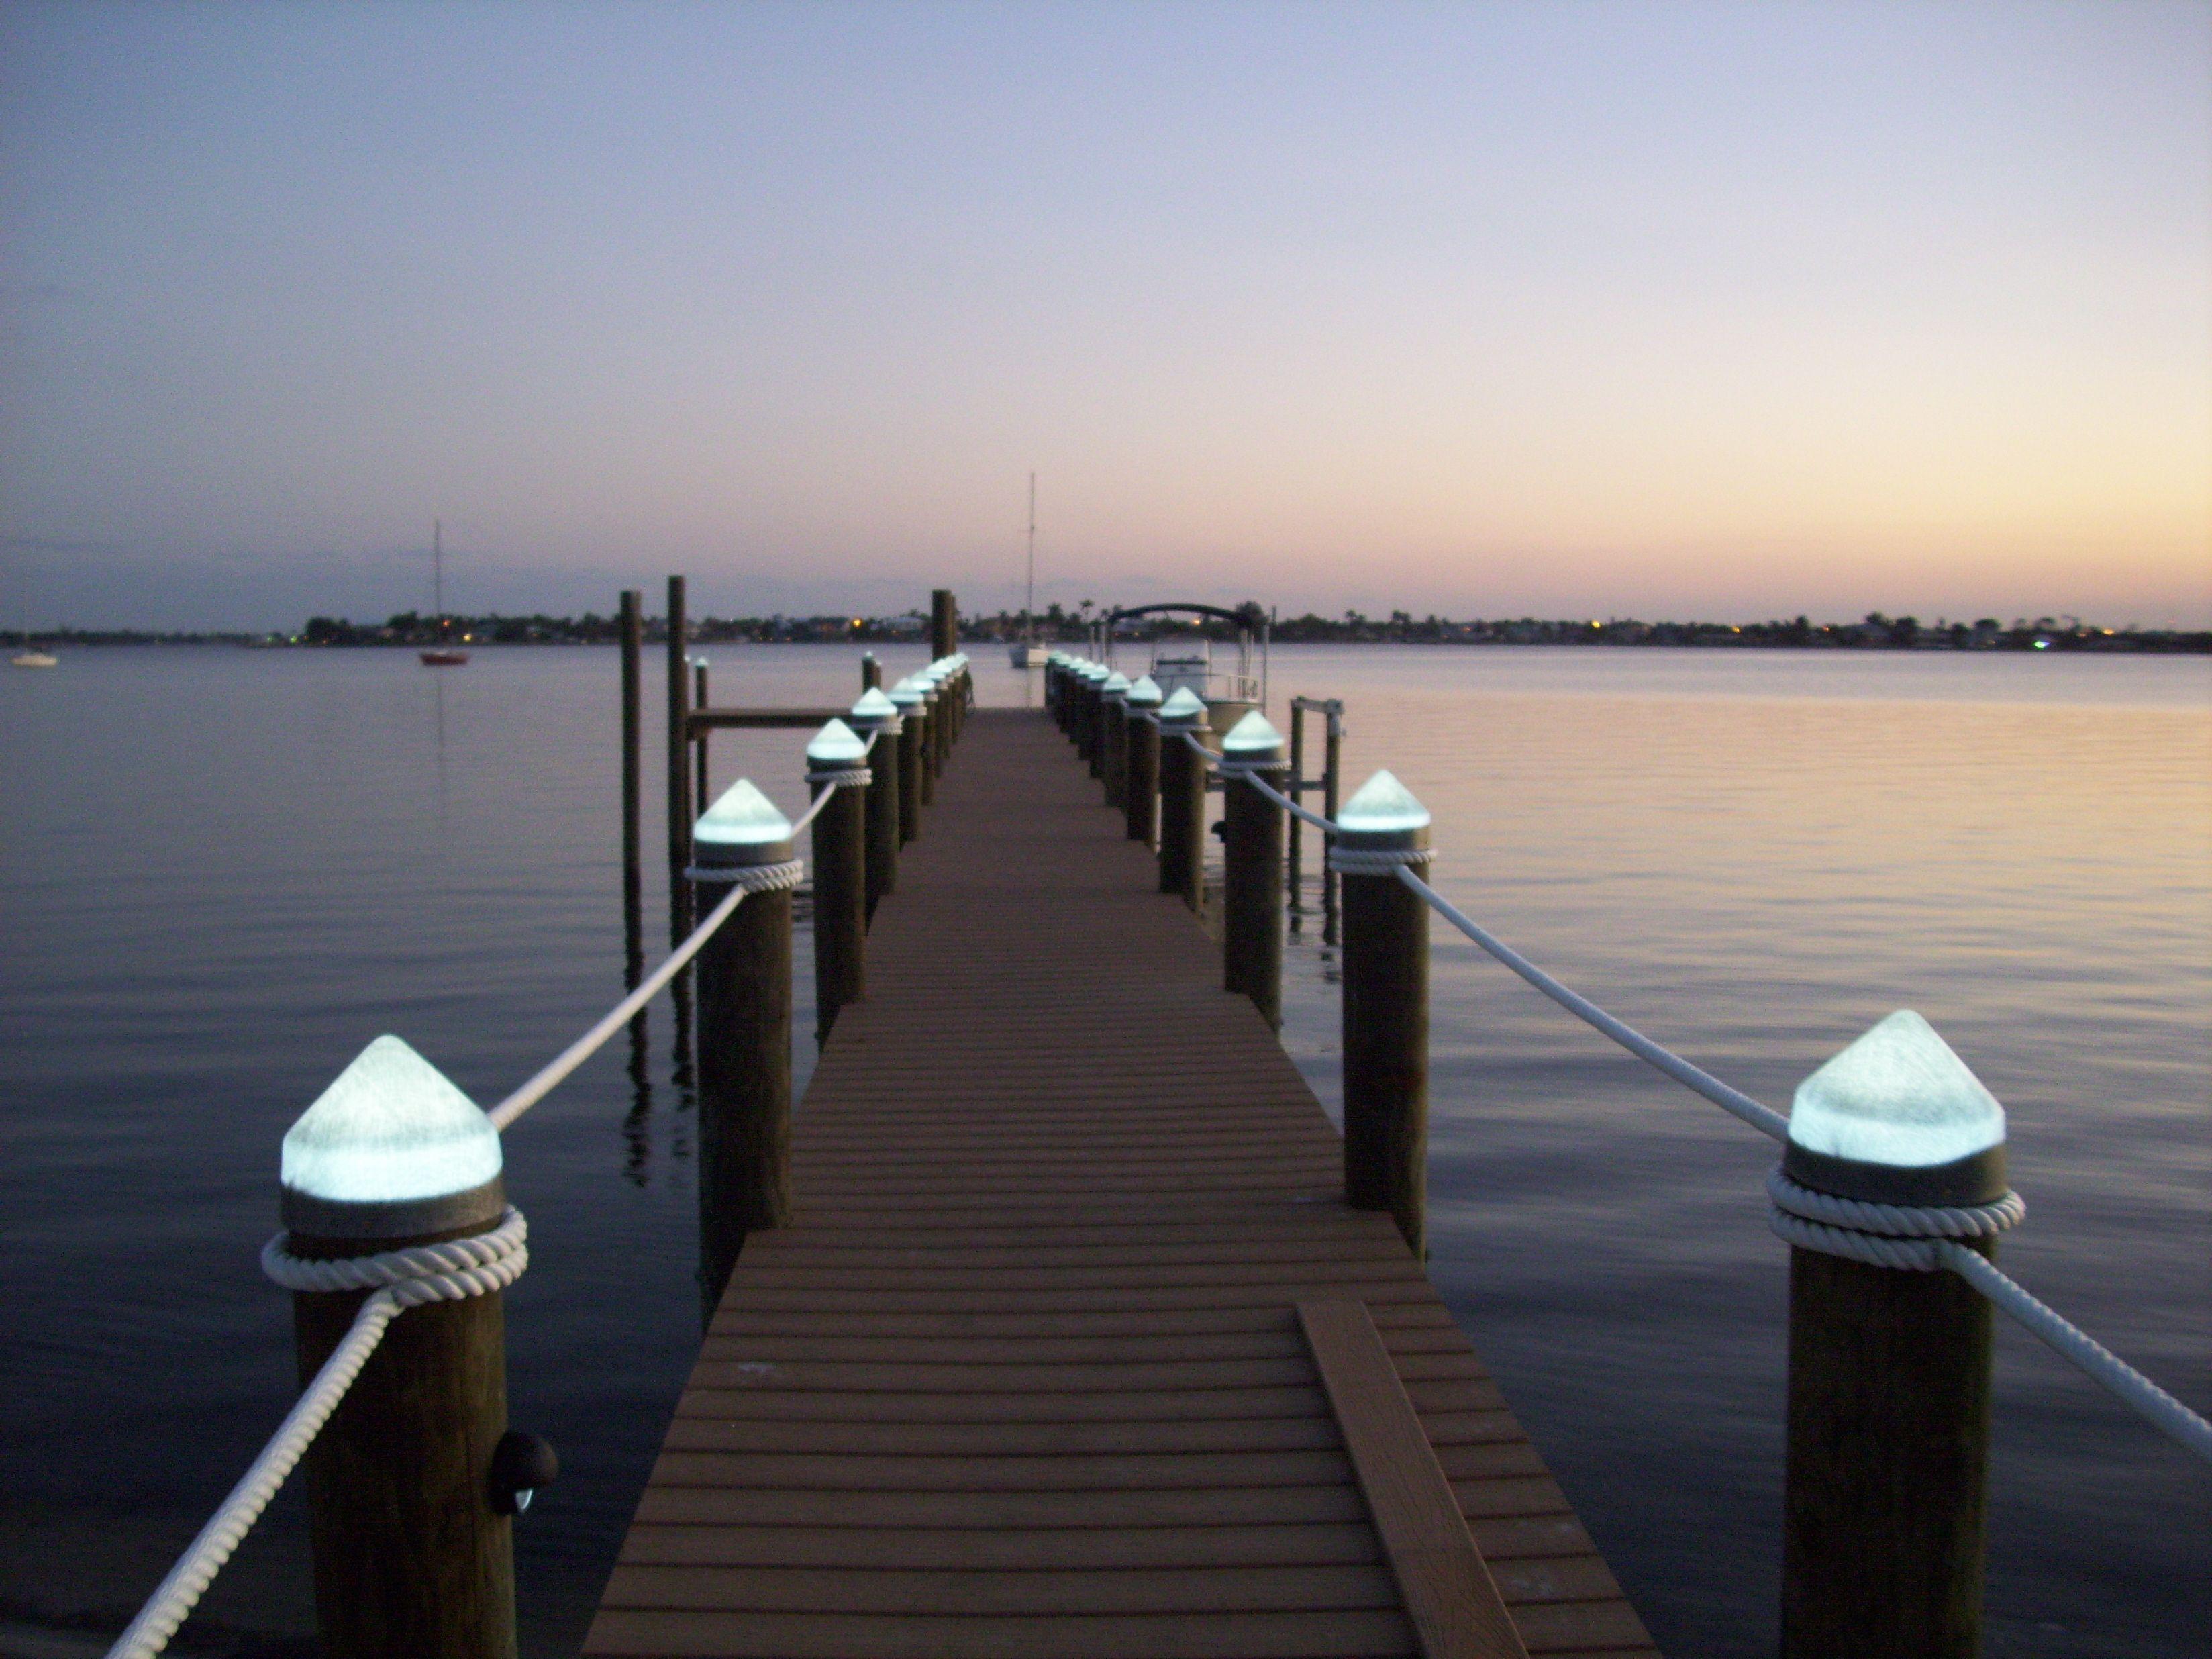 & Low Voltage Dock Lighting